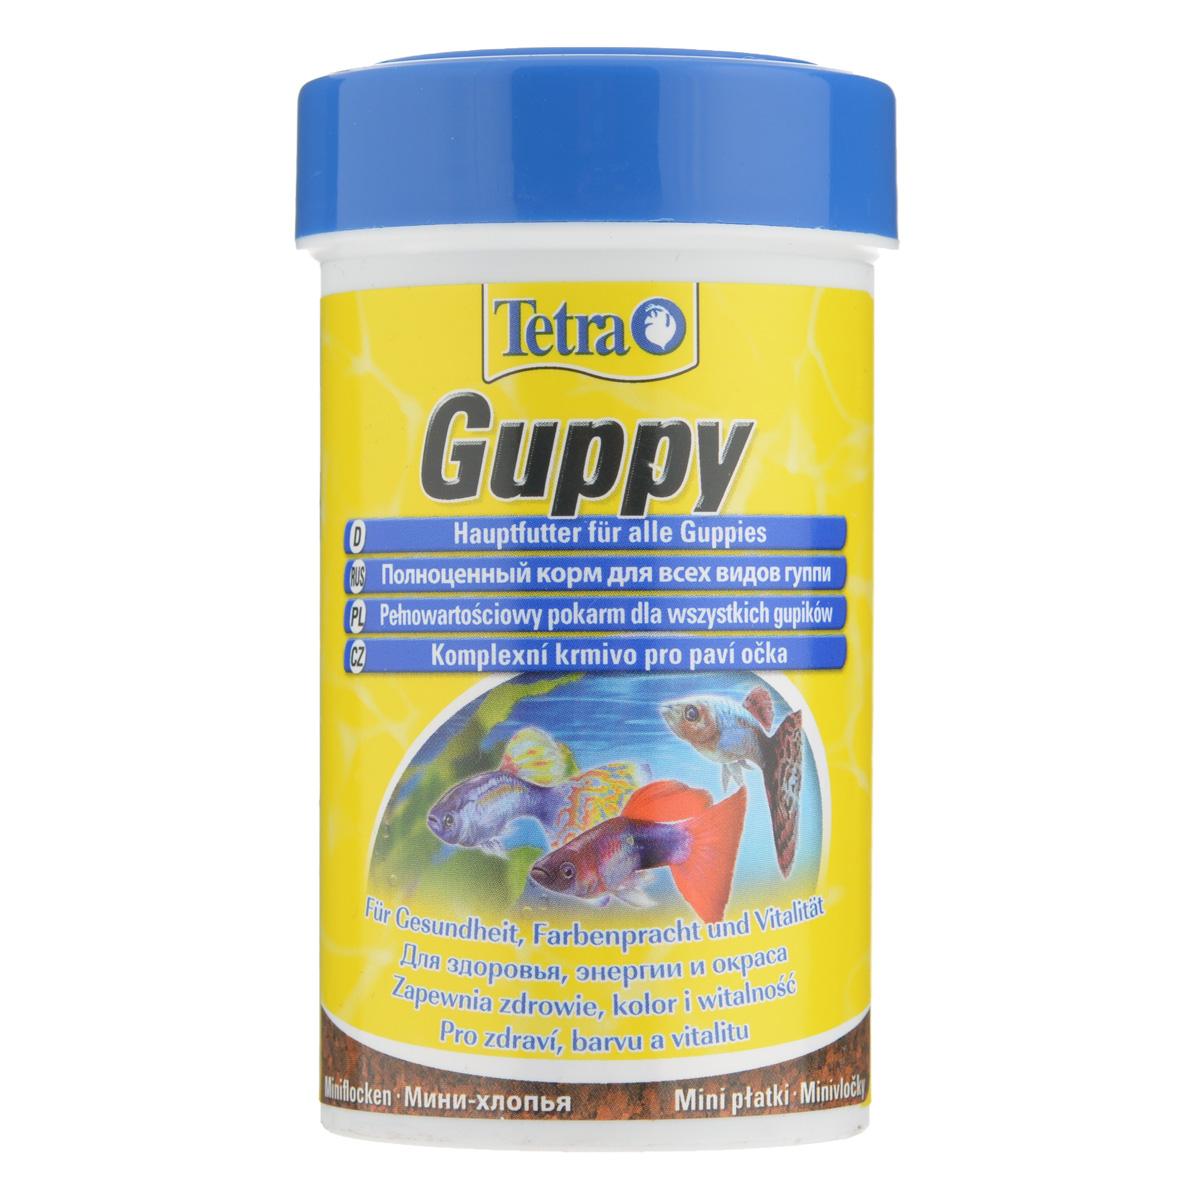 Корм Tetra Guppy для всех видов гуппи, в виде мини-хлопьев, 100 мл197213Корм Tetra Guppy - это высококачественный сбалансированный питательный корм в виде мини-хлопьев для всех видов гуппи, а также для других живородящих аквариумных рыб. Особенности Tetra Guppy:мини-хлопья изготовлены специально для маленьких ртов гуппи и других живородящих рыб,высокое содержание растительных ингредиентов и минералов для улучшения вкусовых качеств и роста,усилители окраса для ярких цветов. Рекомендации по кормлению: кормить несколько раз в день маленькими порциями. Характеристики: Состав: экстракты растительного белка, зерновые культуры, дрожжи, моллюски и раки, масла и жиры, водоросли, сахар, минеральные вещества.Пищевая ценность: сырой белок - 45%, сырые масла и жиры - 8%, сырая клетчатка - 4,0%, влага - 8%.Добавки: витамины, провитамины и химические вещества с аналогичным воздействием: витамин А 27800 МЕ/кг, витамин Д3 850 МЕ/кг. Красители, антиоксиданты. Вес: 100 мл (30 г).Товар сертифицирован.